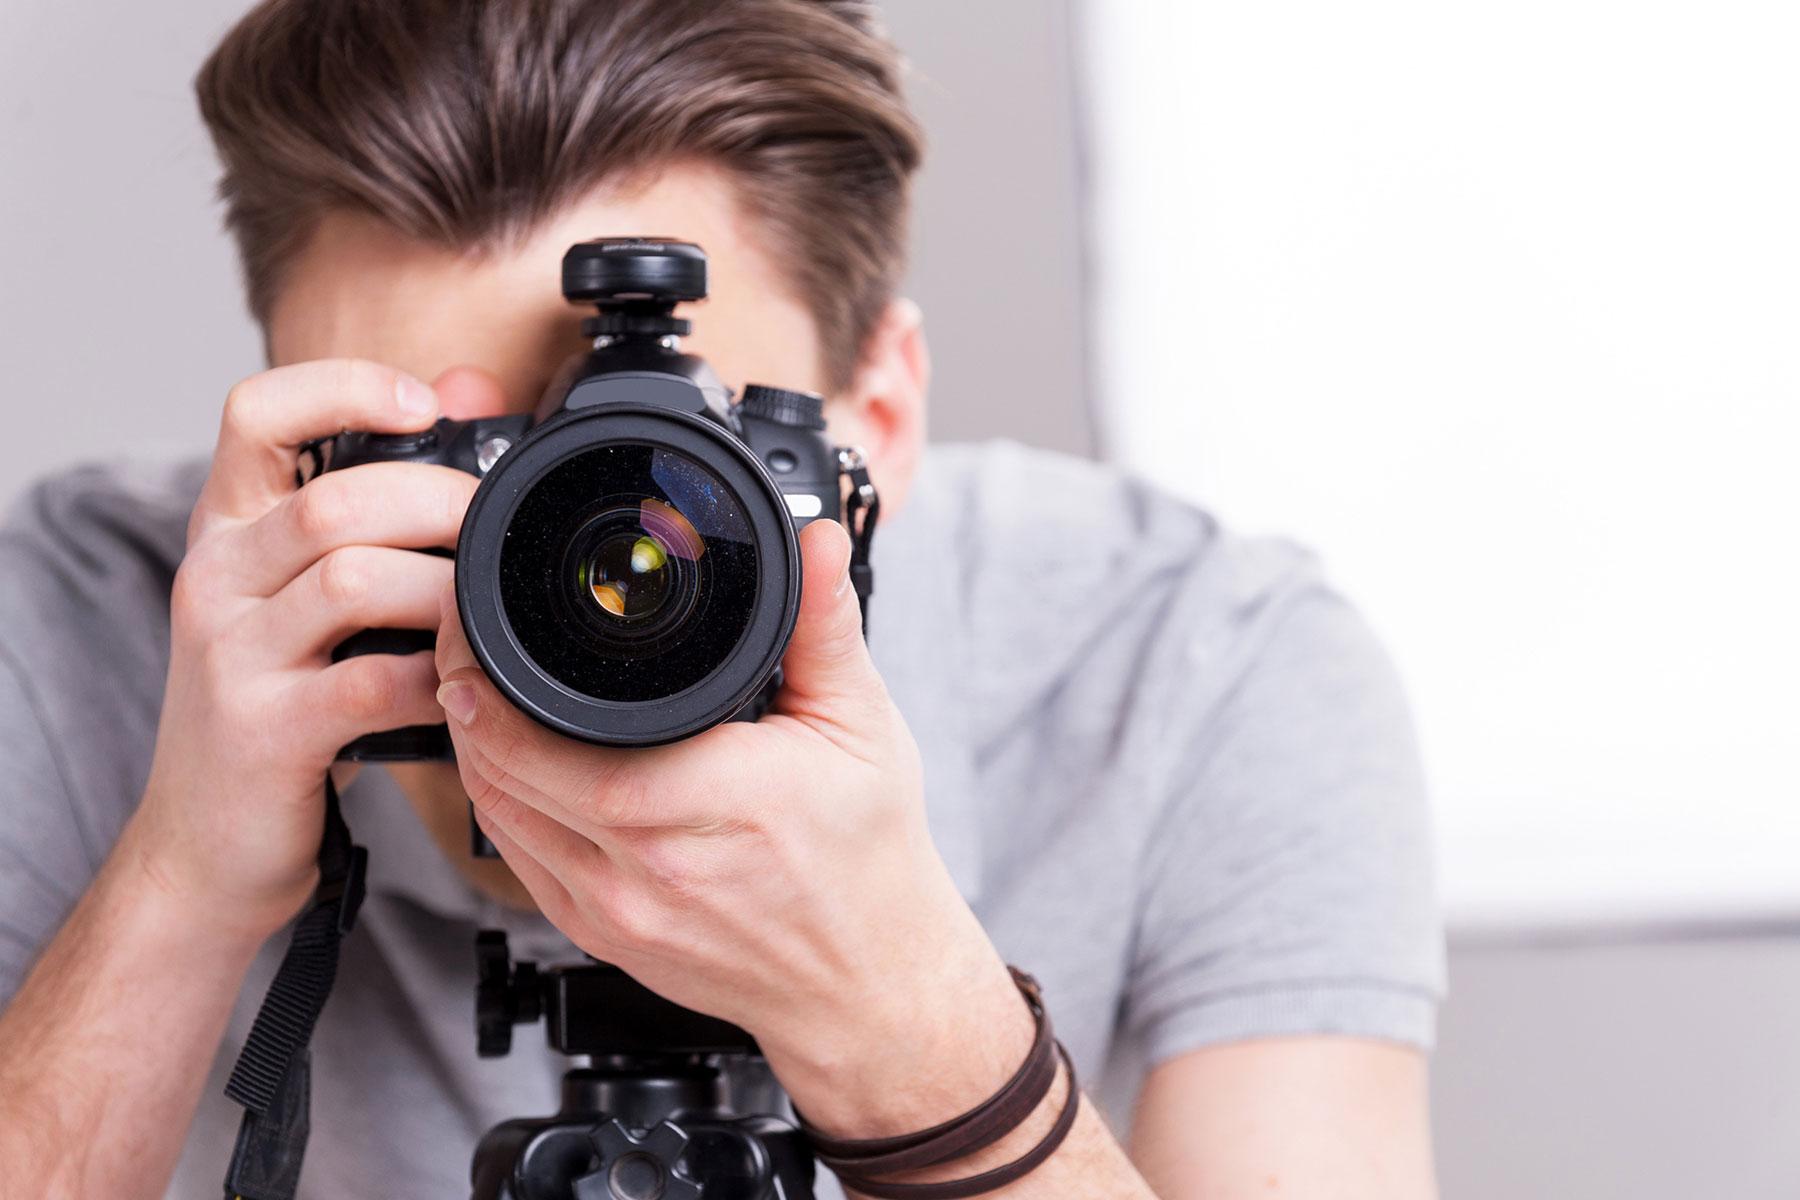 Запомните свой отпуск_фотоаппараты, которые можно взять с собой для потрясающих фотоснимков - фотограф